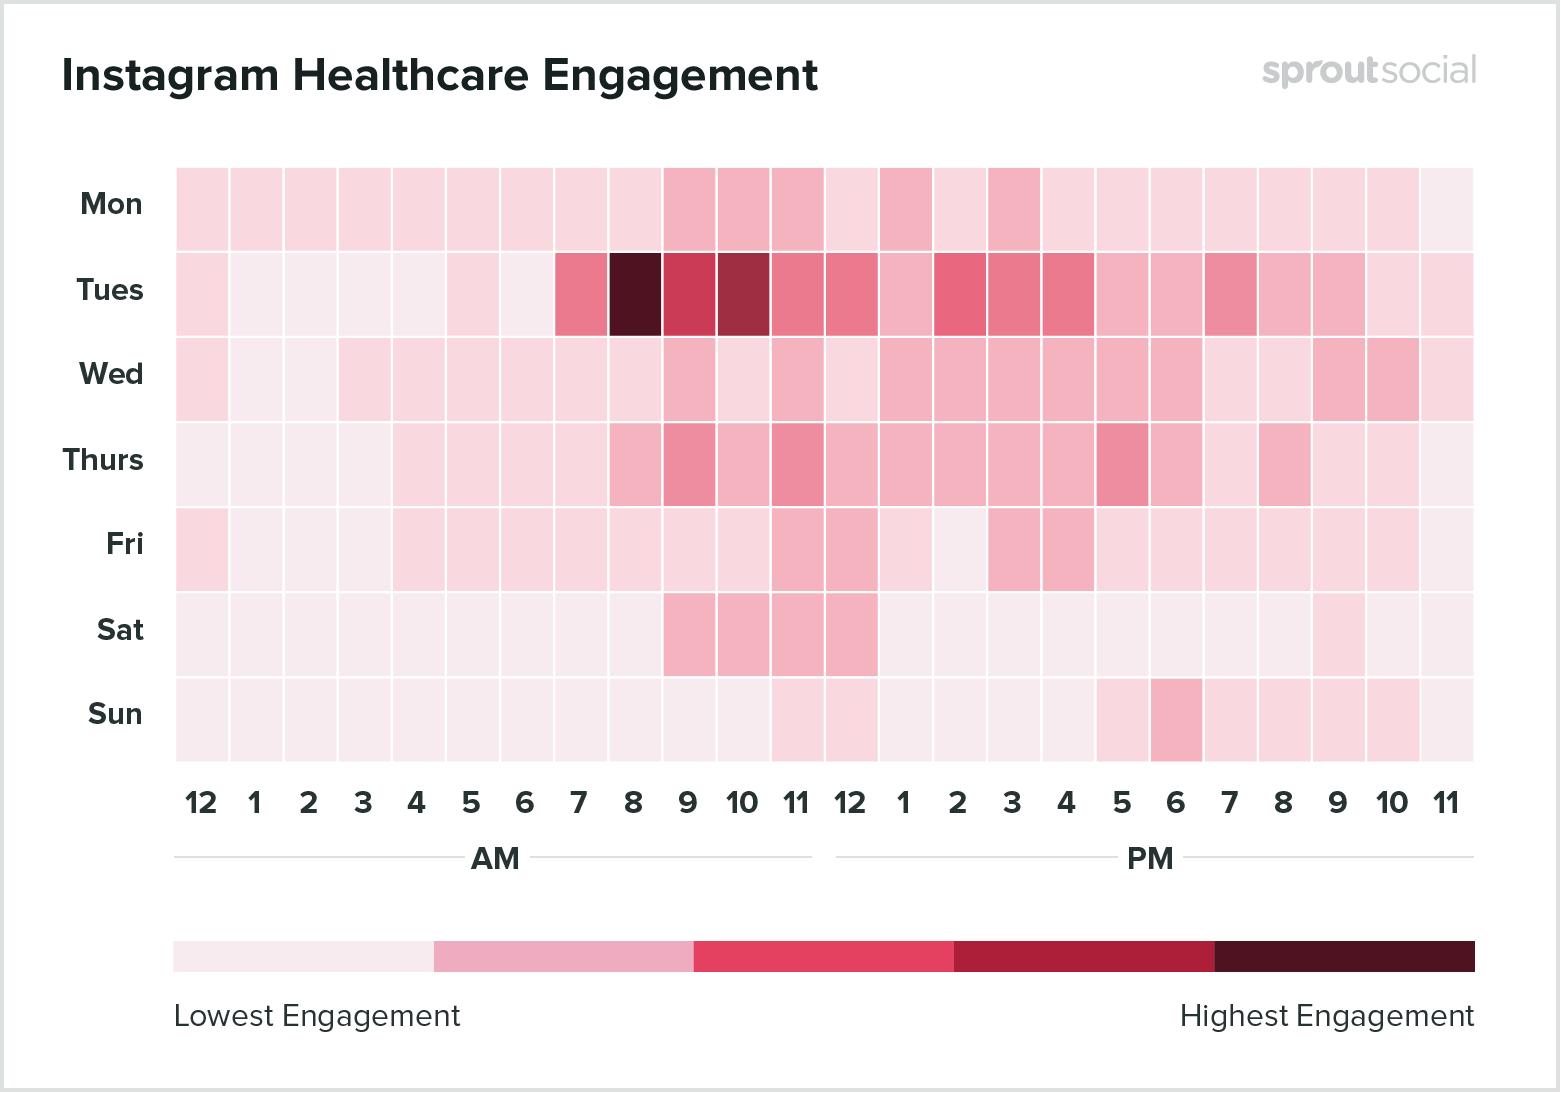 Лучшее время для медицинских публикаций в Instagram - данные на 2020 год